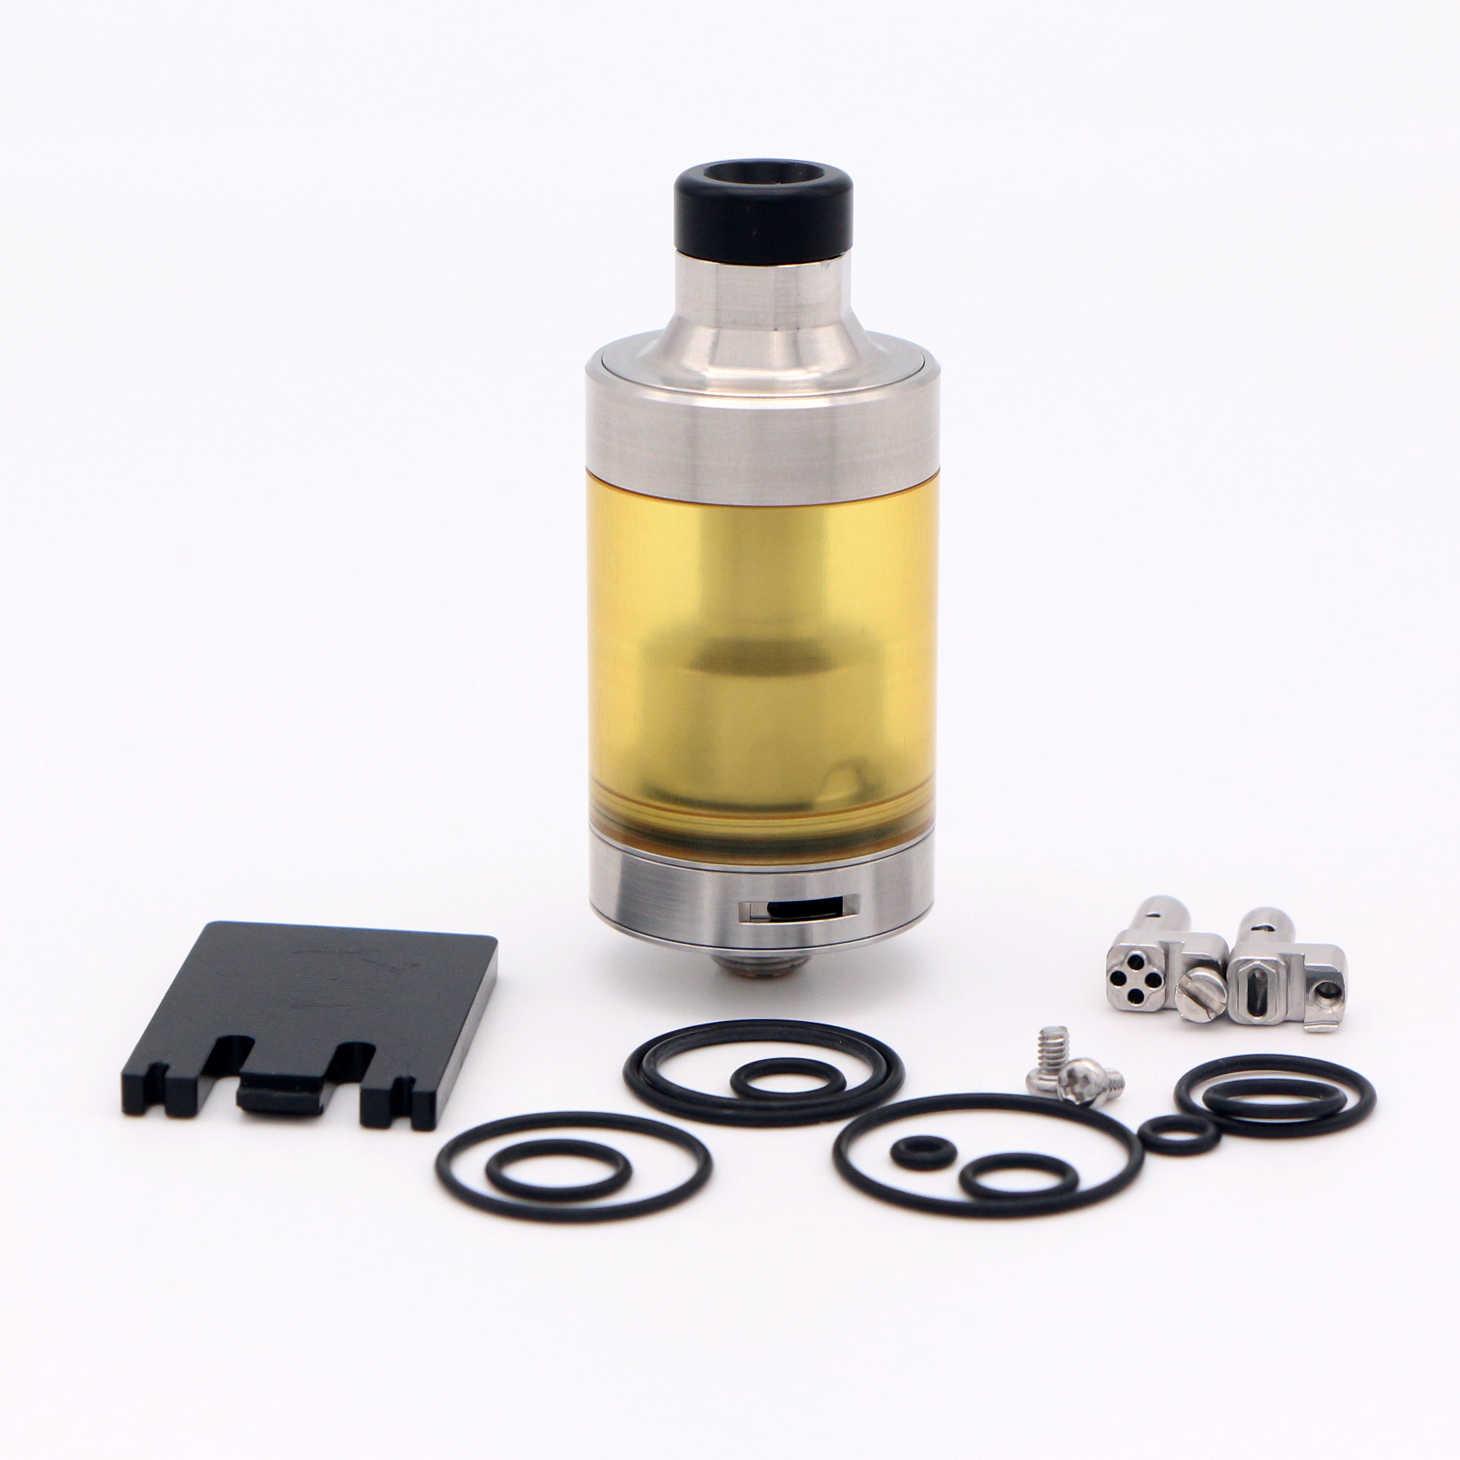 Купить атомайзер для электронной сигареты 510 одноразовая электронная сигарета в твери